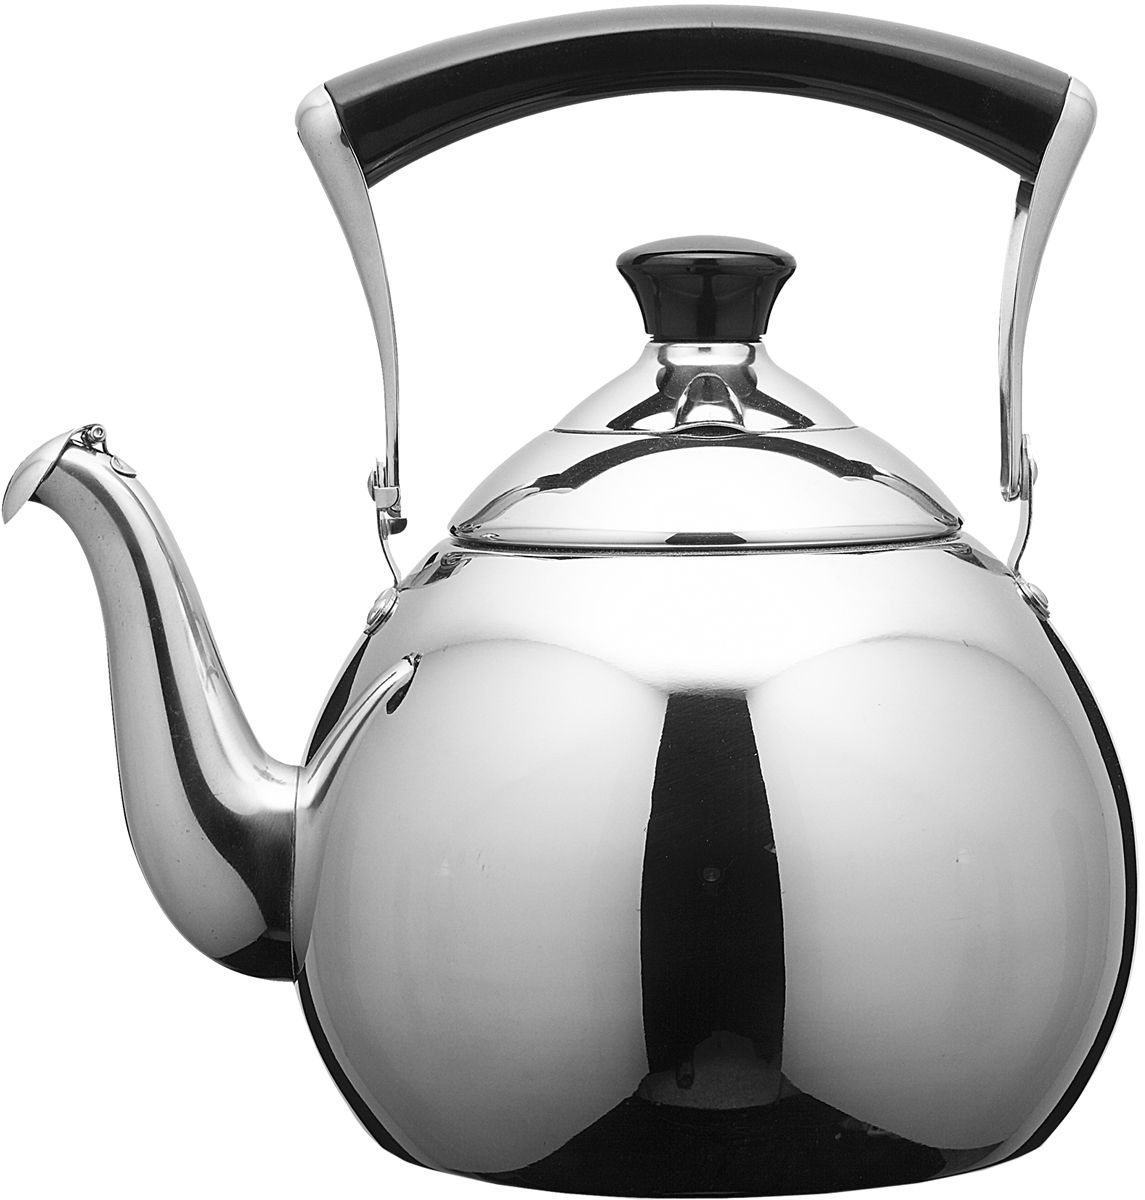 """Чай - напиток без которого сложно представить нашу жизнь. Современный человек думает о том, как потратить меньше времени на приготовление чая. Но в умении заваривать правильный чай есть один секрет - вода должна быть чистой, без примесей и запахов, и чтобы оно не перекипела. Компания Fissman помня о правилах предлагает чайник """"Jasmine Pearl"""" для кипячения воды, изготовленный из экологически чистой, безопасной для здоровья человека высококачественной нержавеющей стали 18/10, с помощью которой вода не приобретает посторонний запах и вкус."""